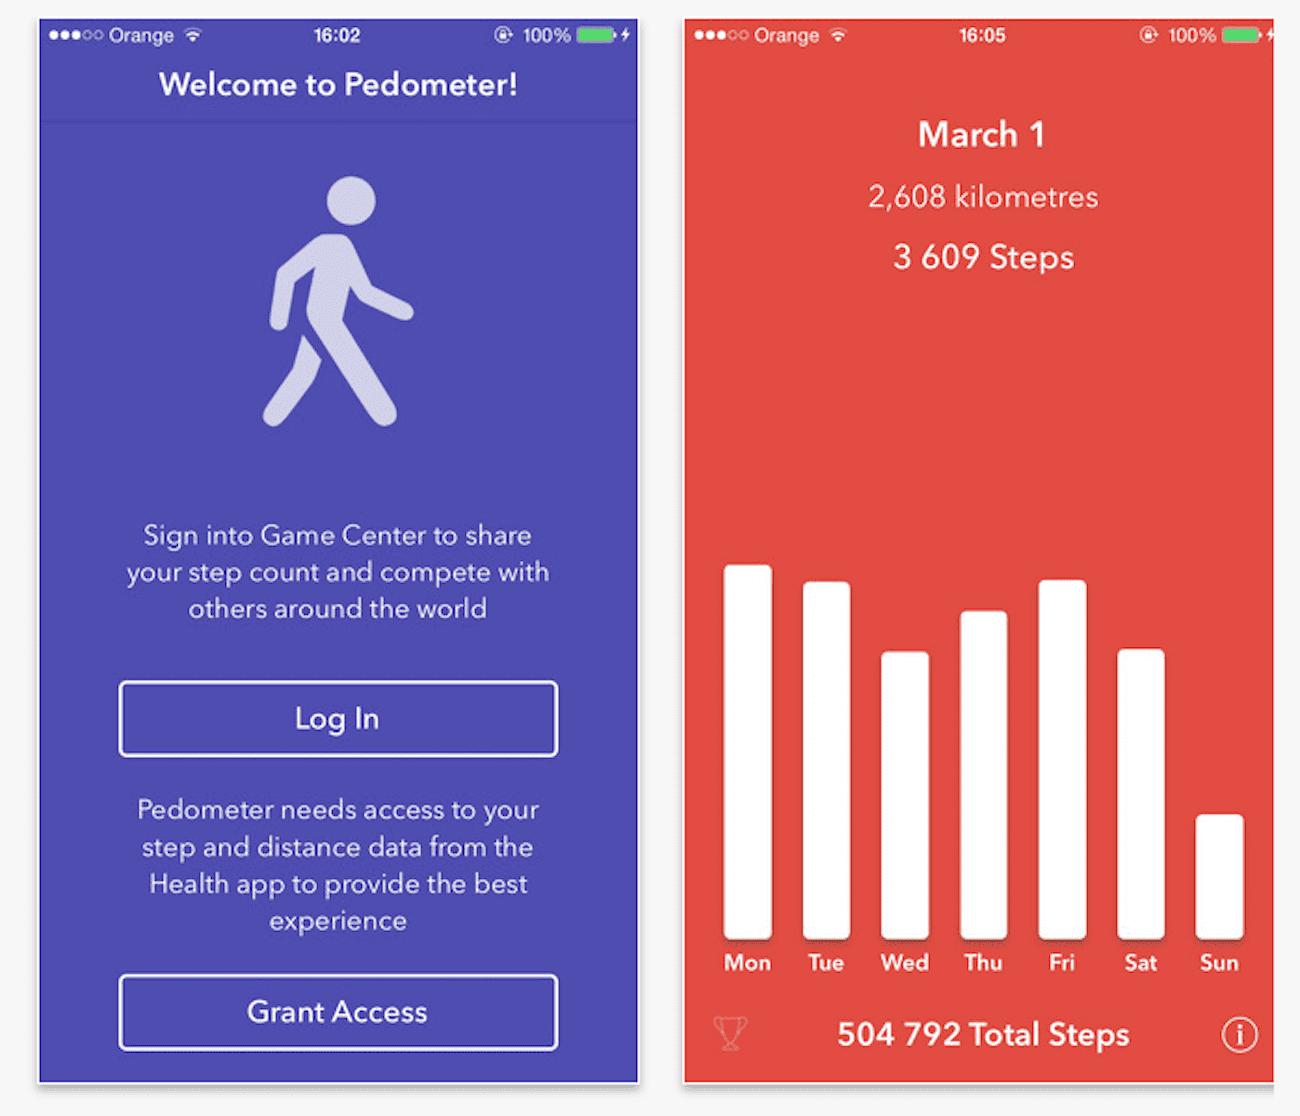 Pedometer - darmowy krokomierz na Twojego iPhone gry-i-aplikacje Zdrowie, Pedometer, Krokomierz na iPhone, Krokomierz na iPad, Krokomierz, iPhone 5s, iPhone, iPad mini retina, iPad Air, iPad, iOS, Darmowy krokomierz na iPhone, Apple, App Store  Pedometer for iPhone to prosta aplikacja licząca ilość wykonanych przez nas kroków. Normalna cena apki to 0,99? lecz dziś została ona przeceniona i dostępna jest w App Store za darmo. Zrzut ekranu 2015 03 24 o 10.37.18